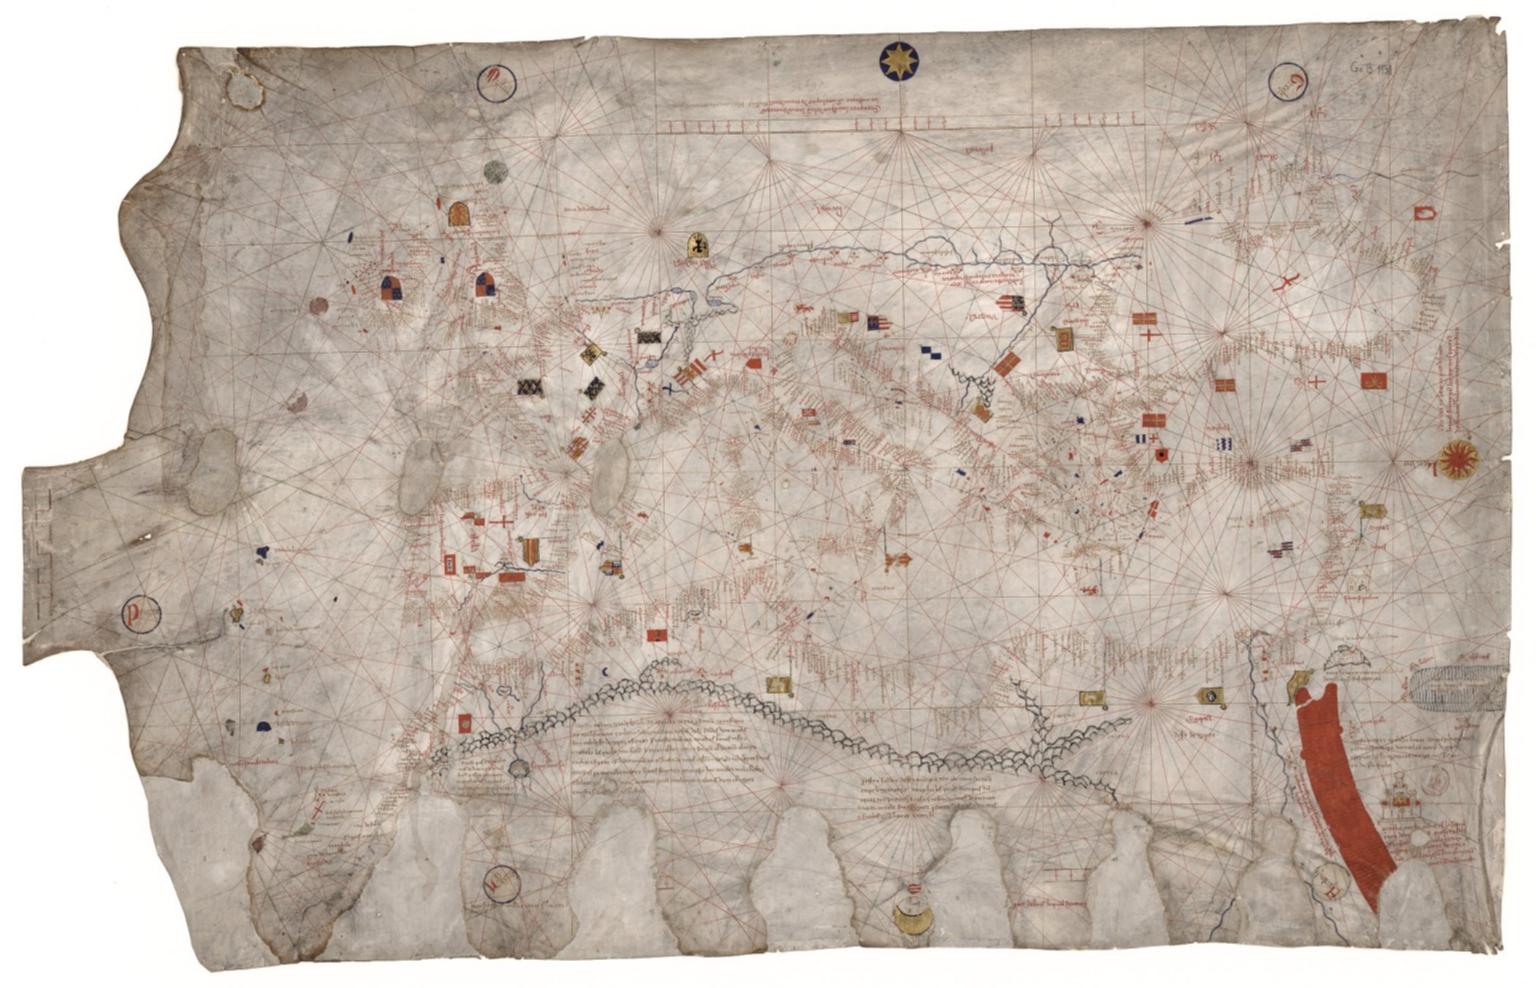 Carte marine de l'océan Atlantique Est, de la mer Méditerranée, de la mer Noire et de la mer Rouge / Guillmus Soleri civjs maioric[arum] me fecit